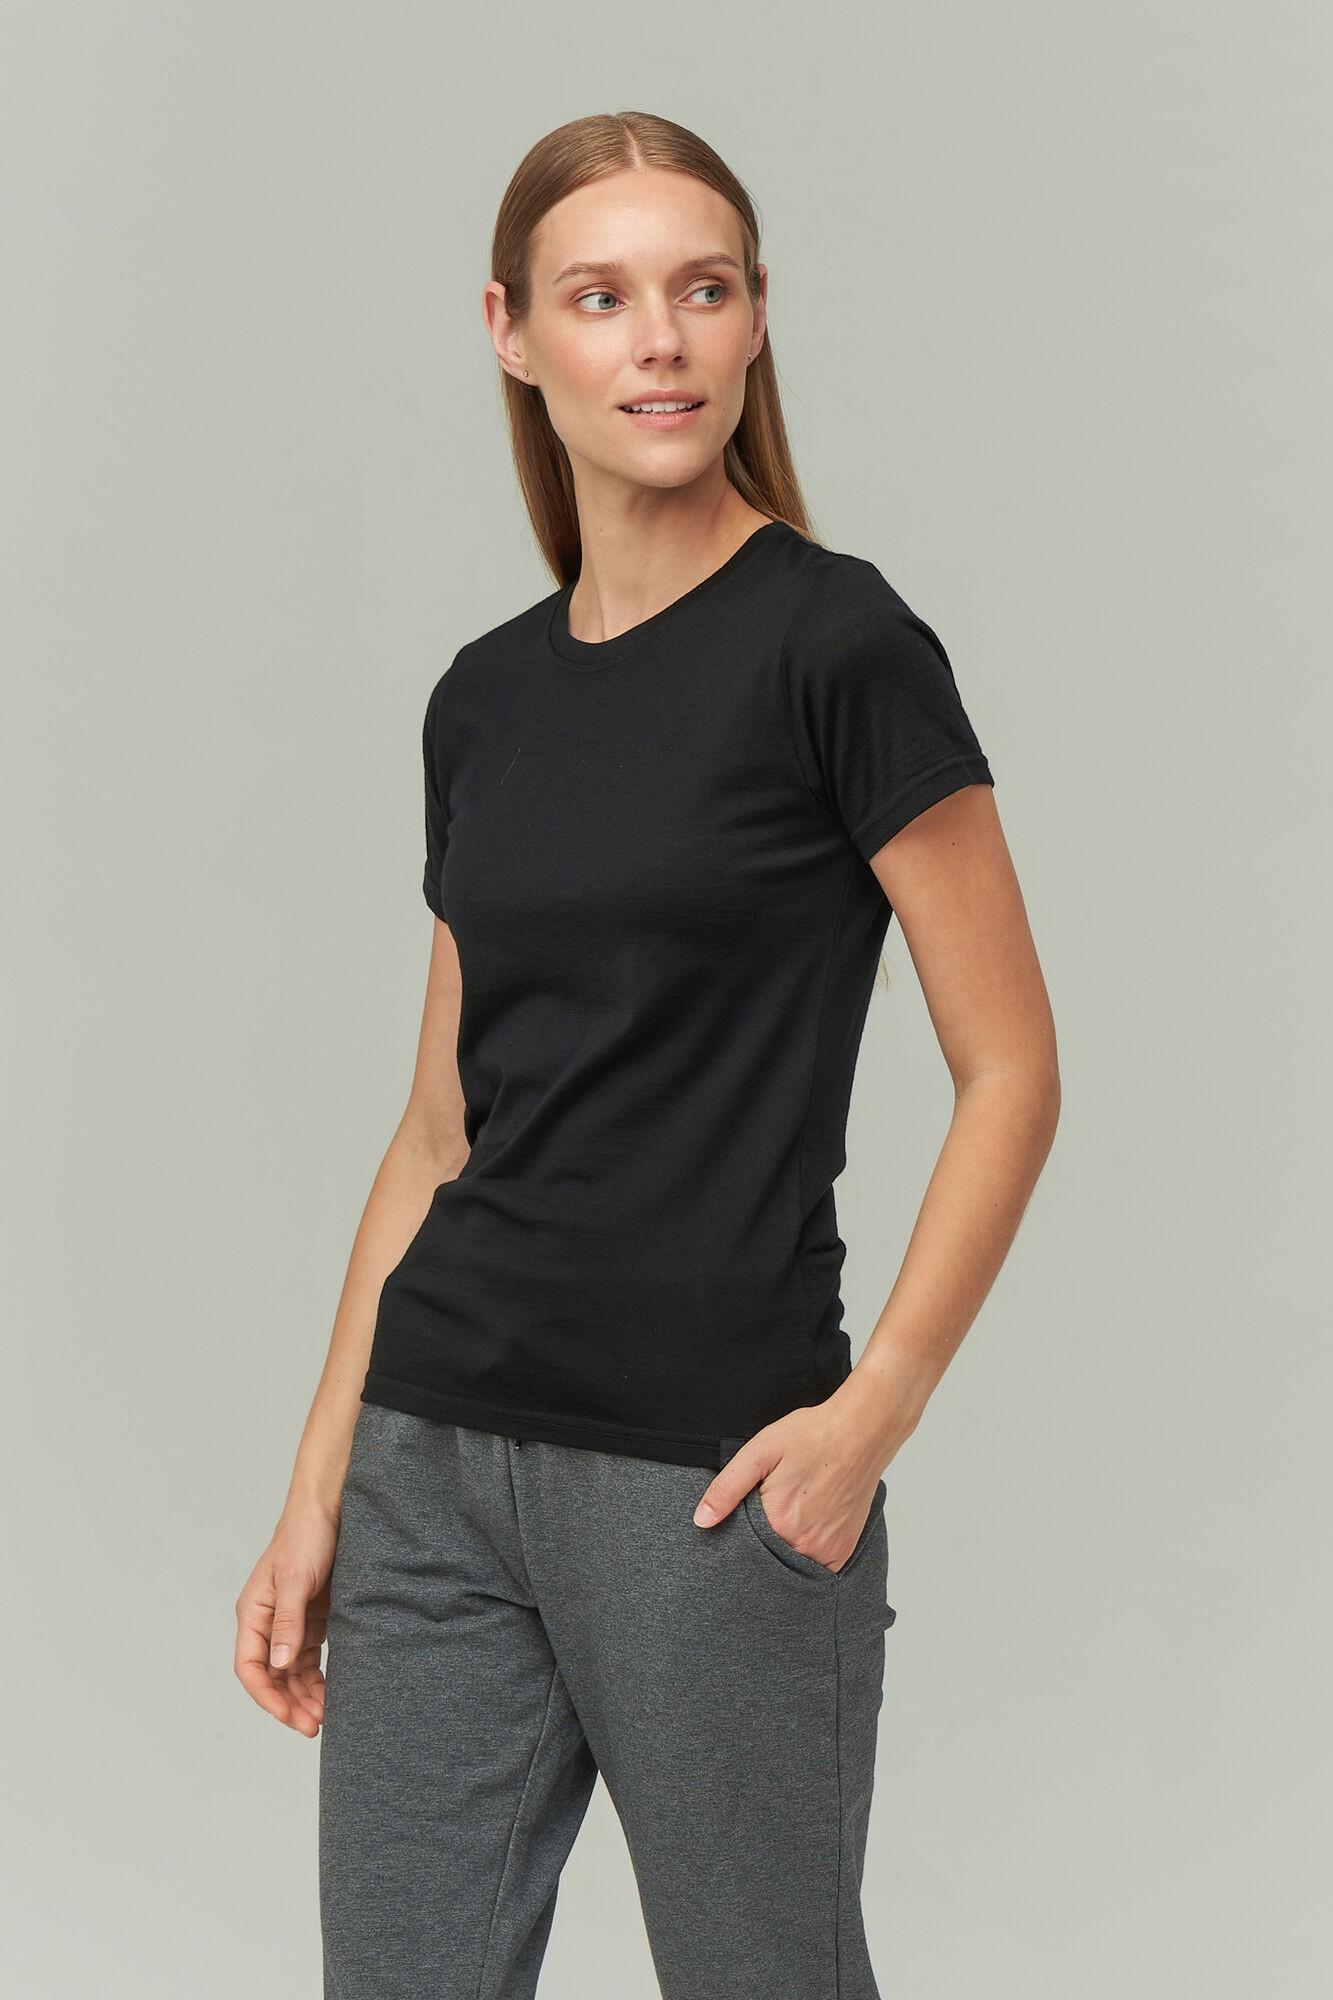 AUDIMAS Plonos merino vilnos marškinėliai 2021-043 Black S